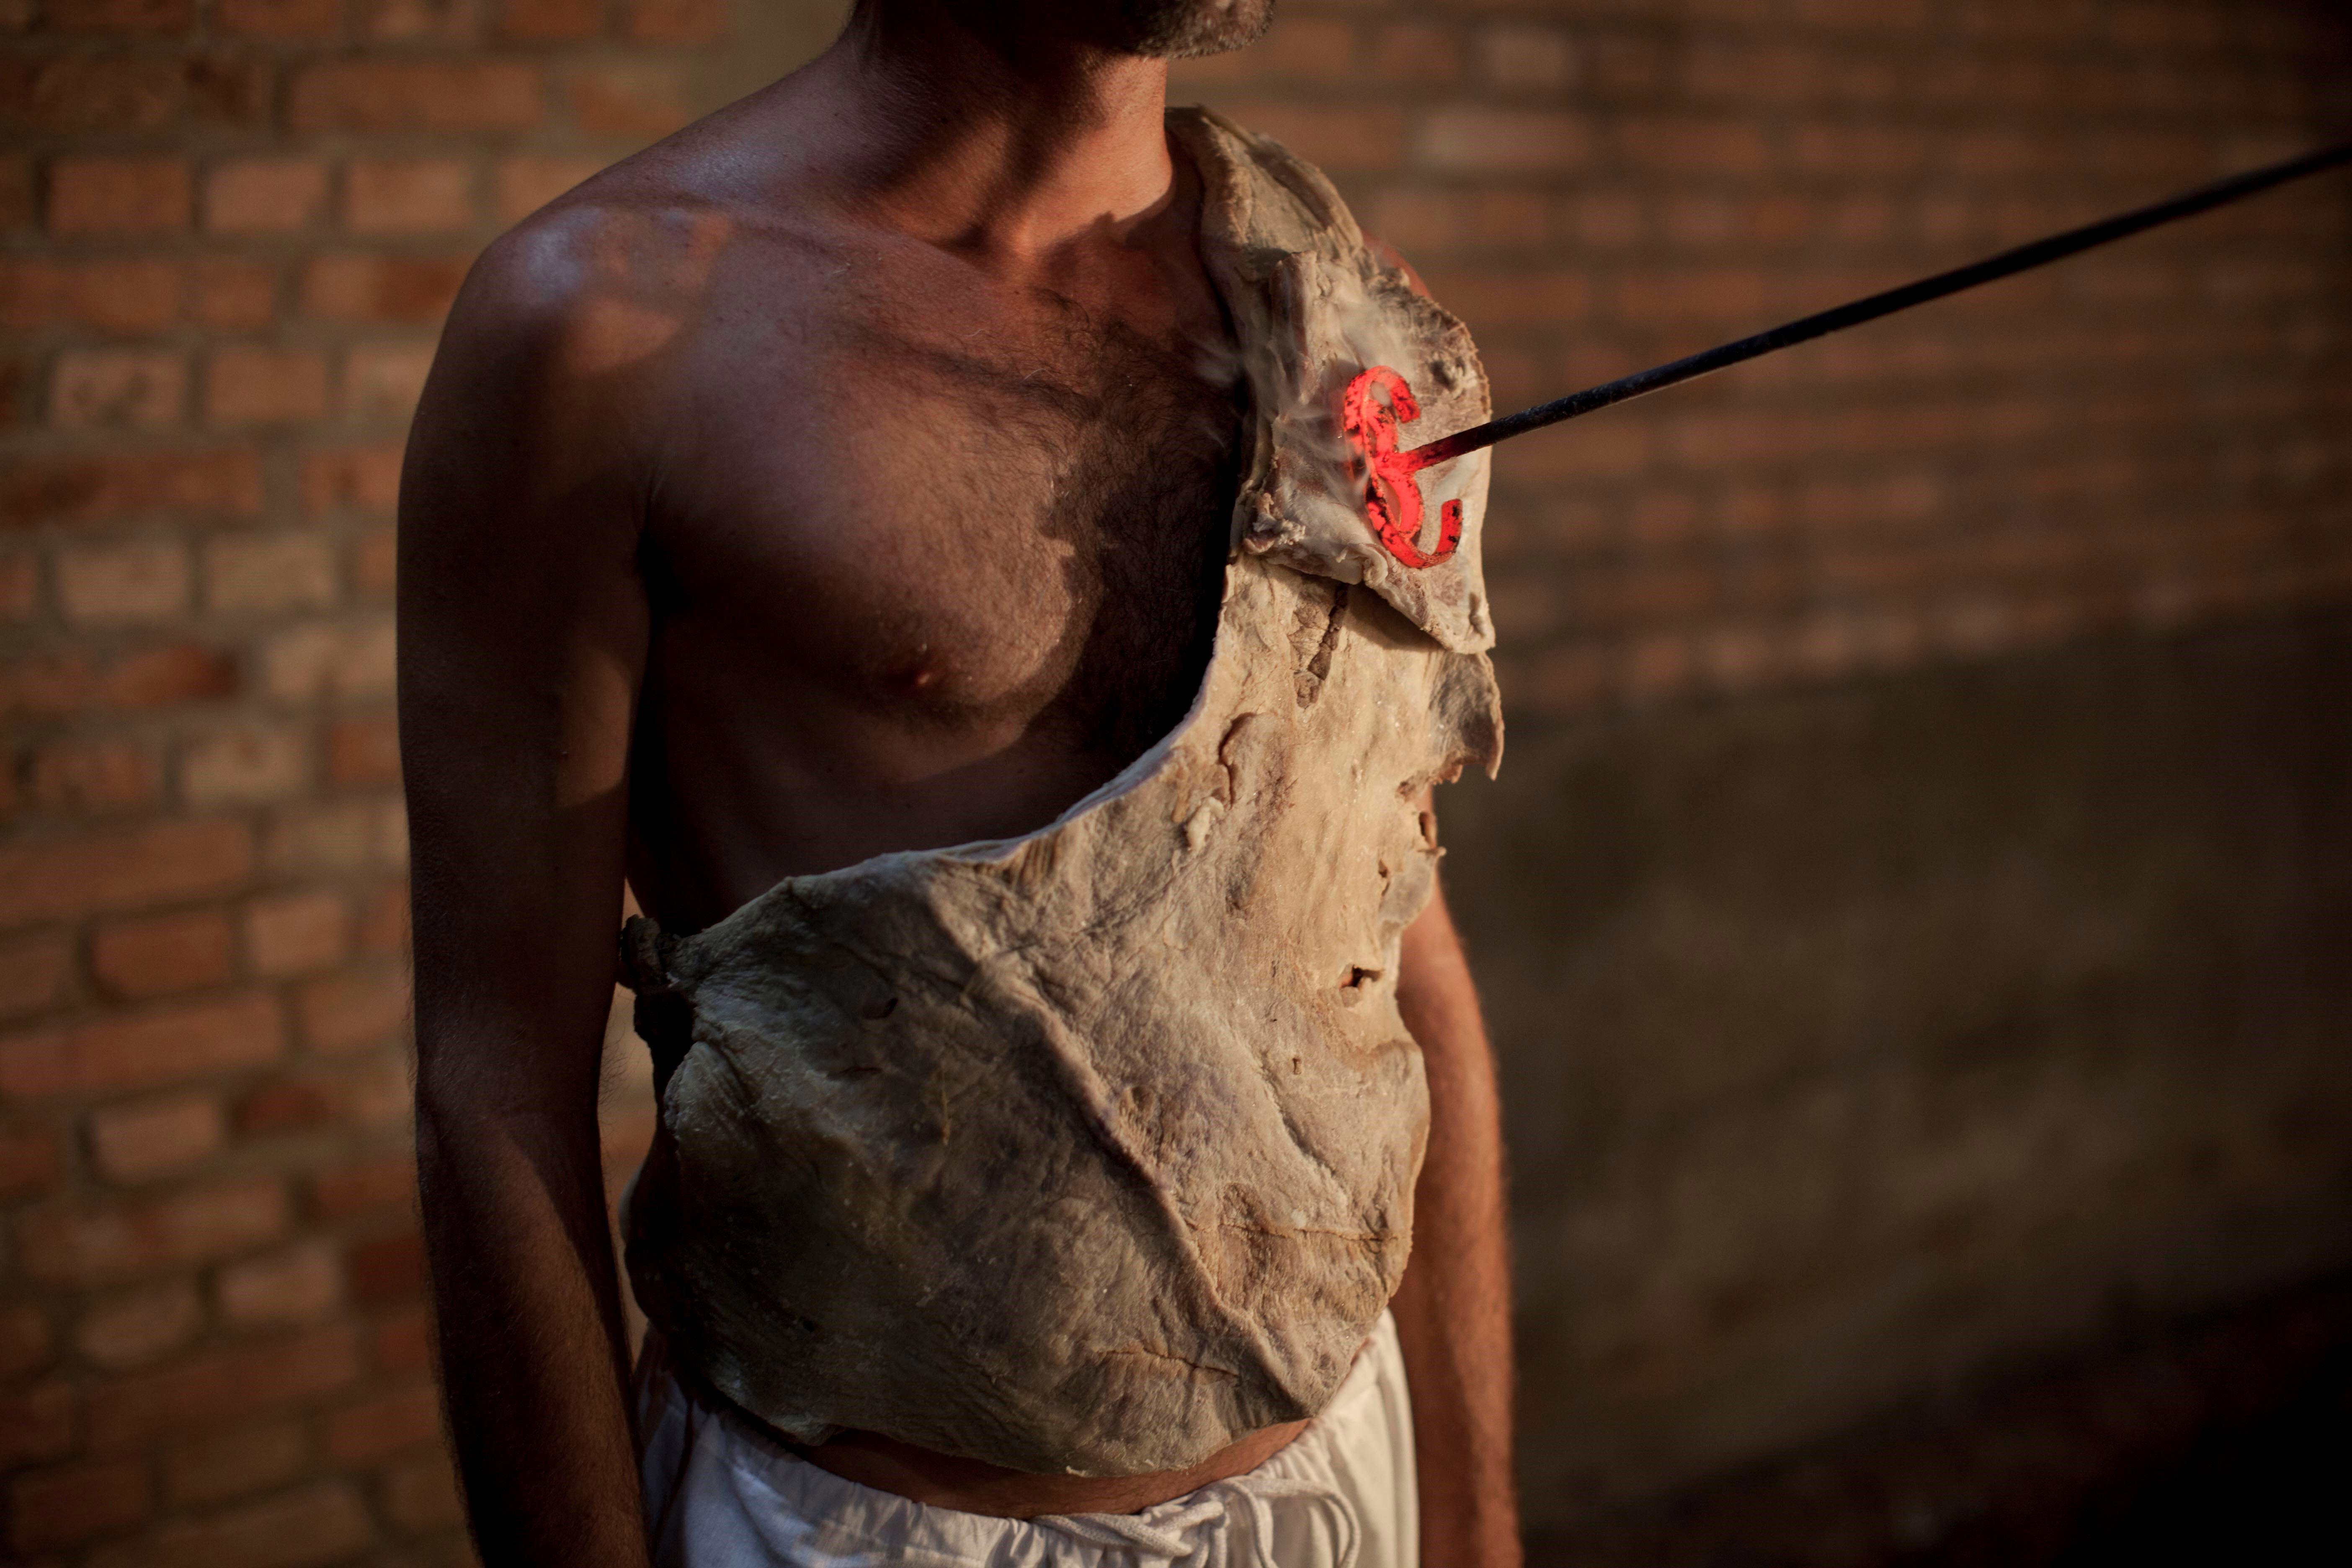 Transmutação da Carne, 2005, Ayrson Heráclito_3 fotos e 1 vídeo_2